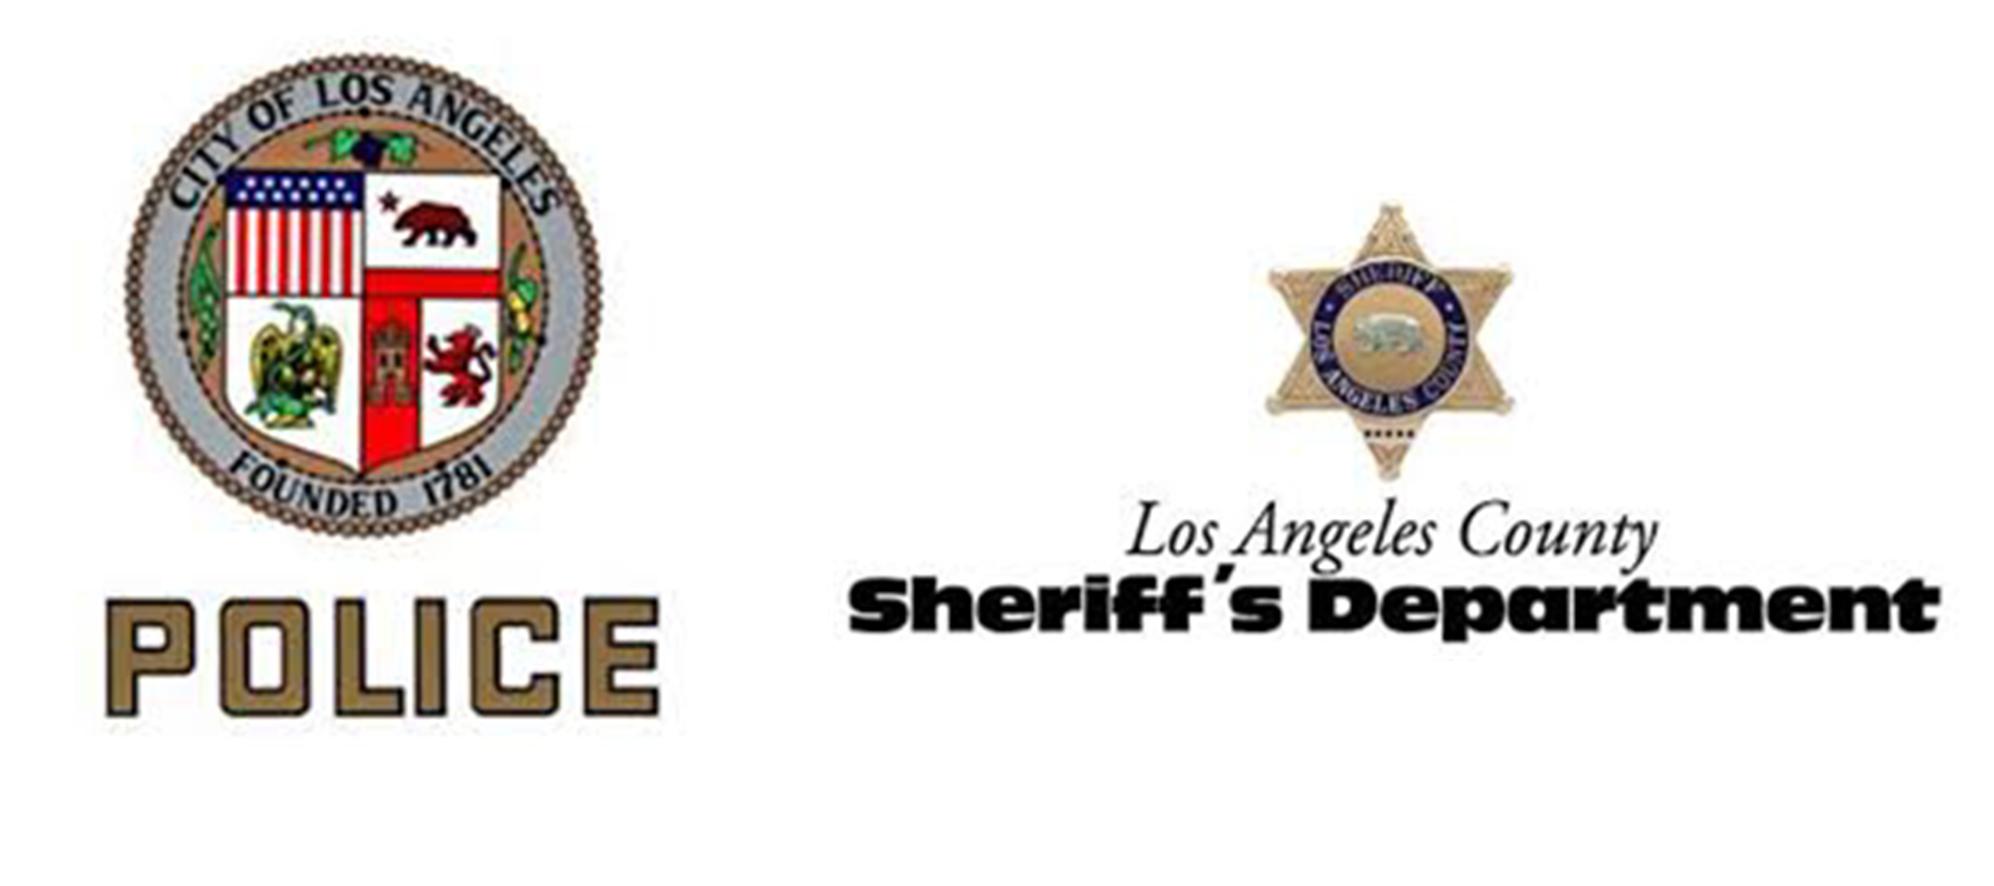 LAPD LA Co Sheriff combined logo.jpg